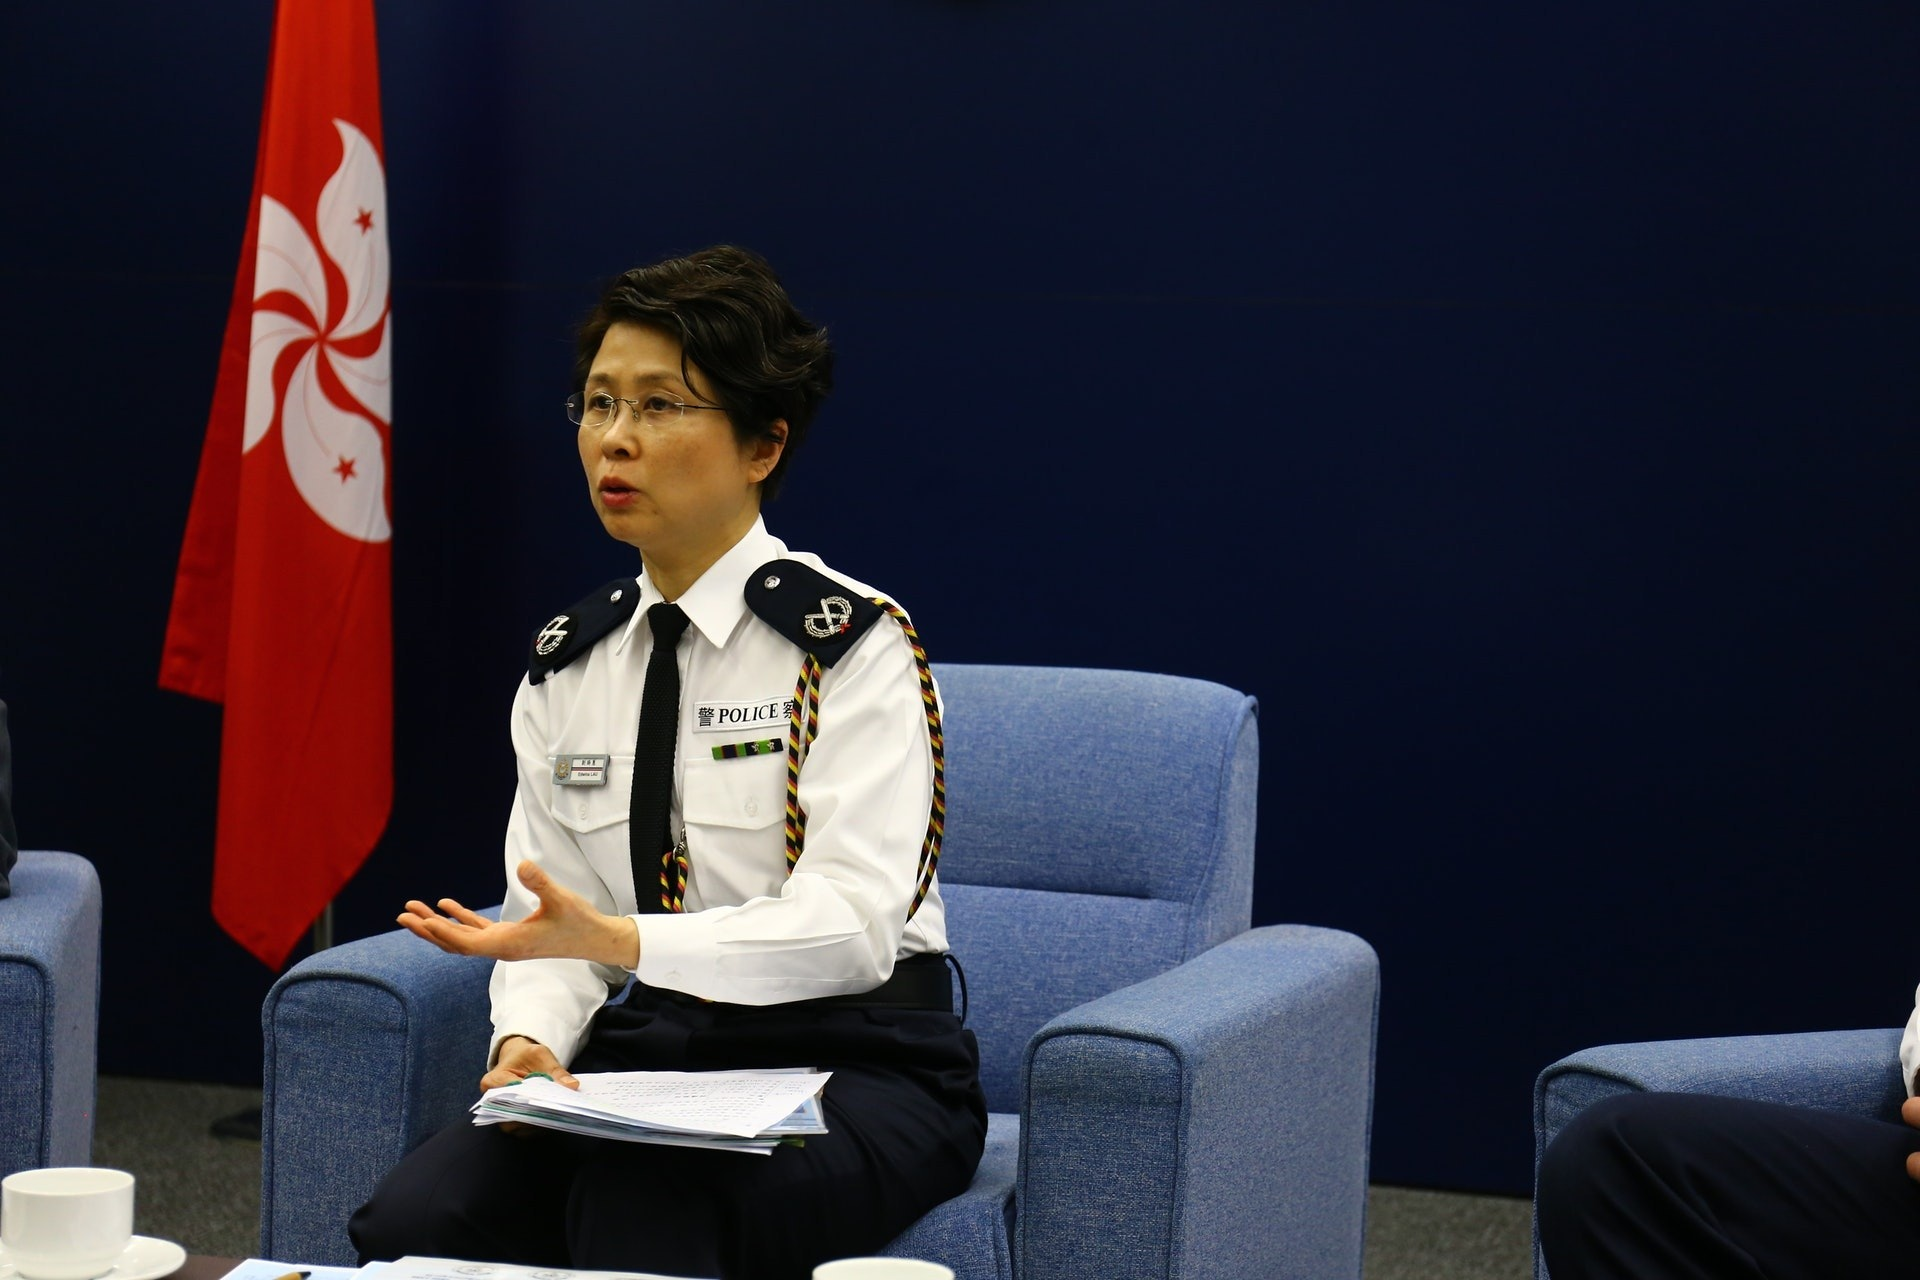 劉賜蕙將升任副處長執掌國安部門後,將成為歷史上第二位最高級女警。(資料圖片/魯嘉裕攝)